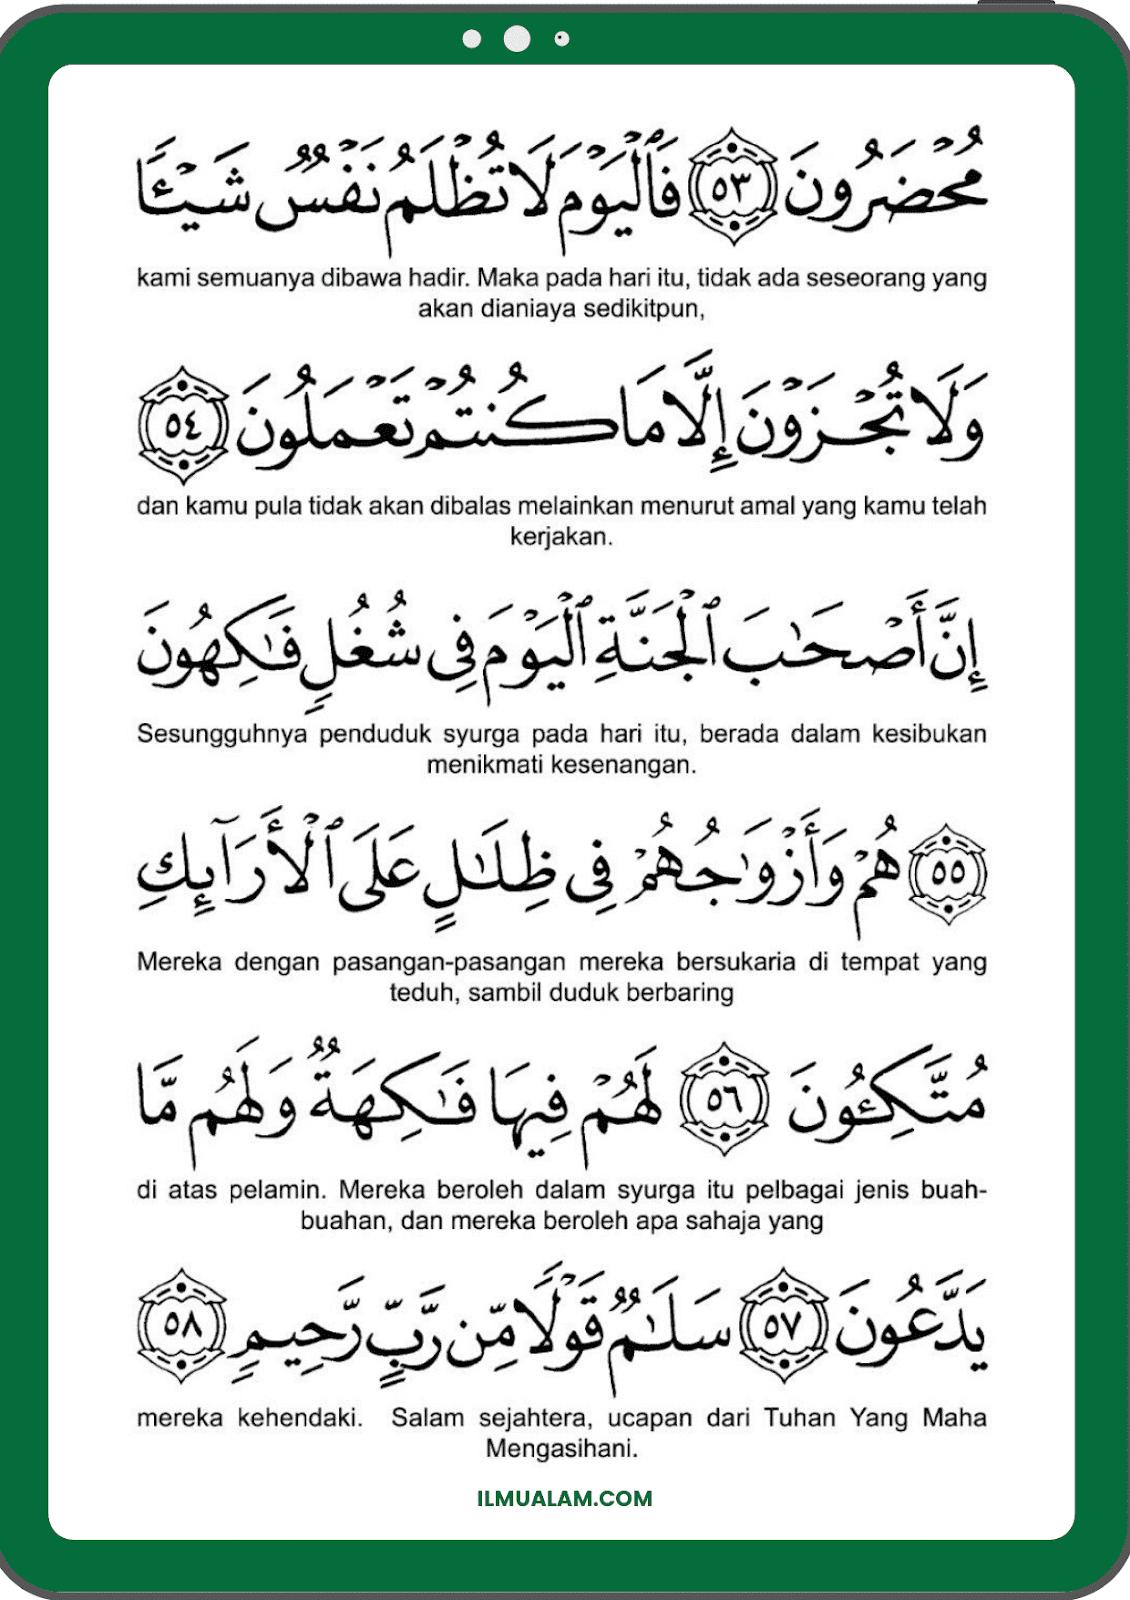 yasin ayat 53 - 58